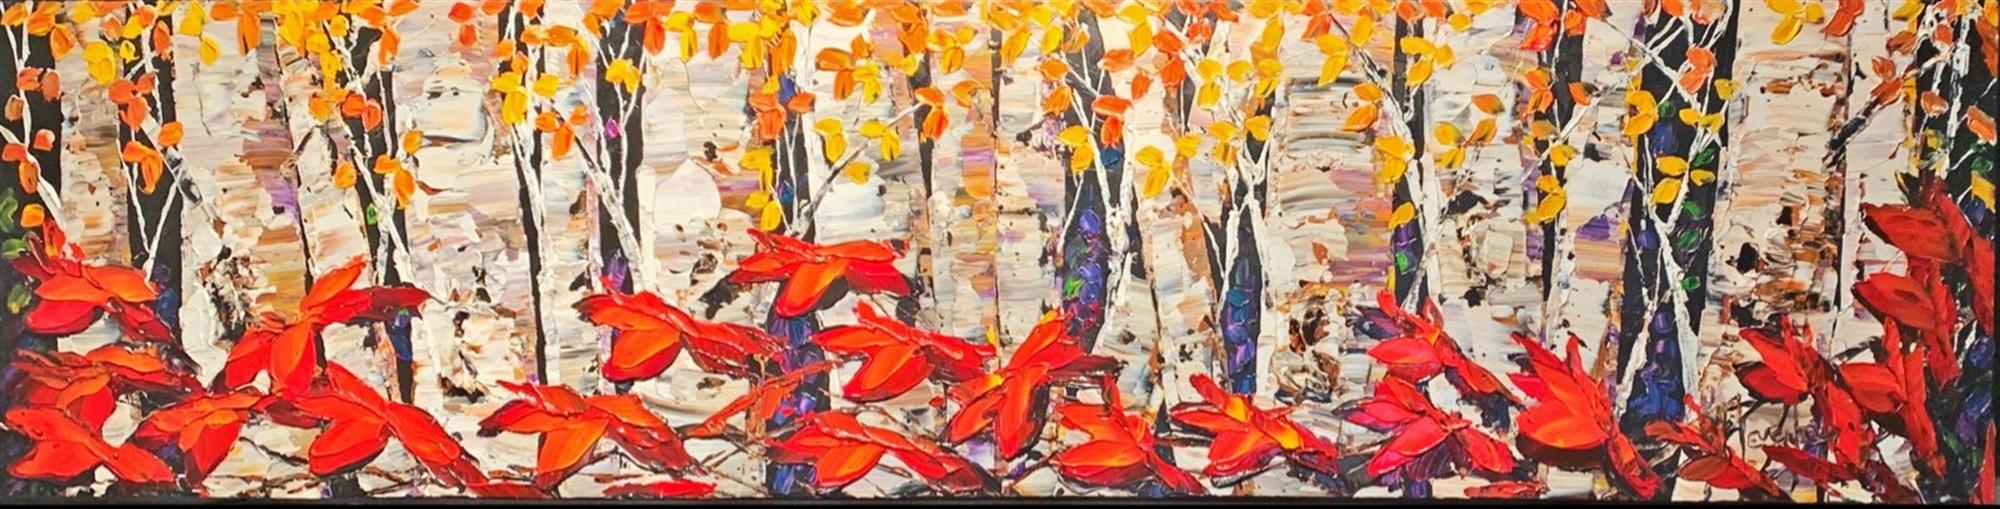 Night Birch by Maya Eventov